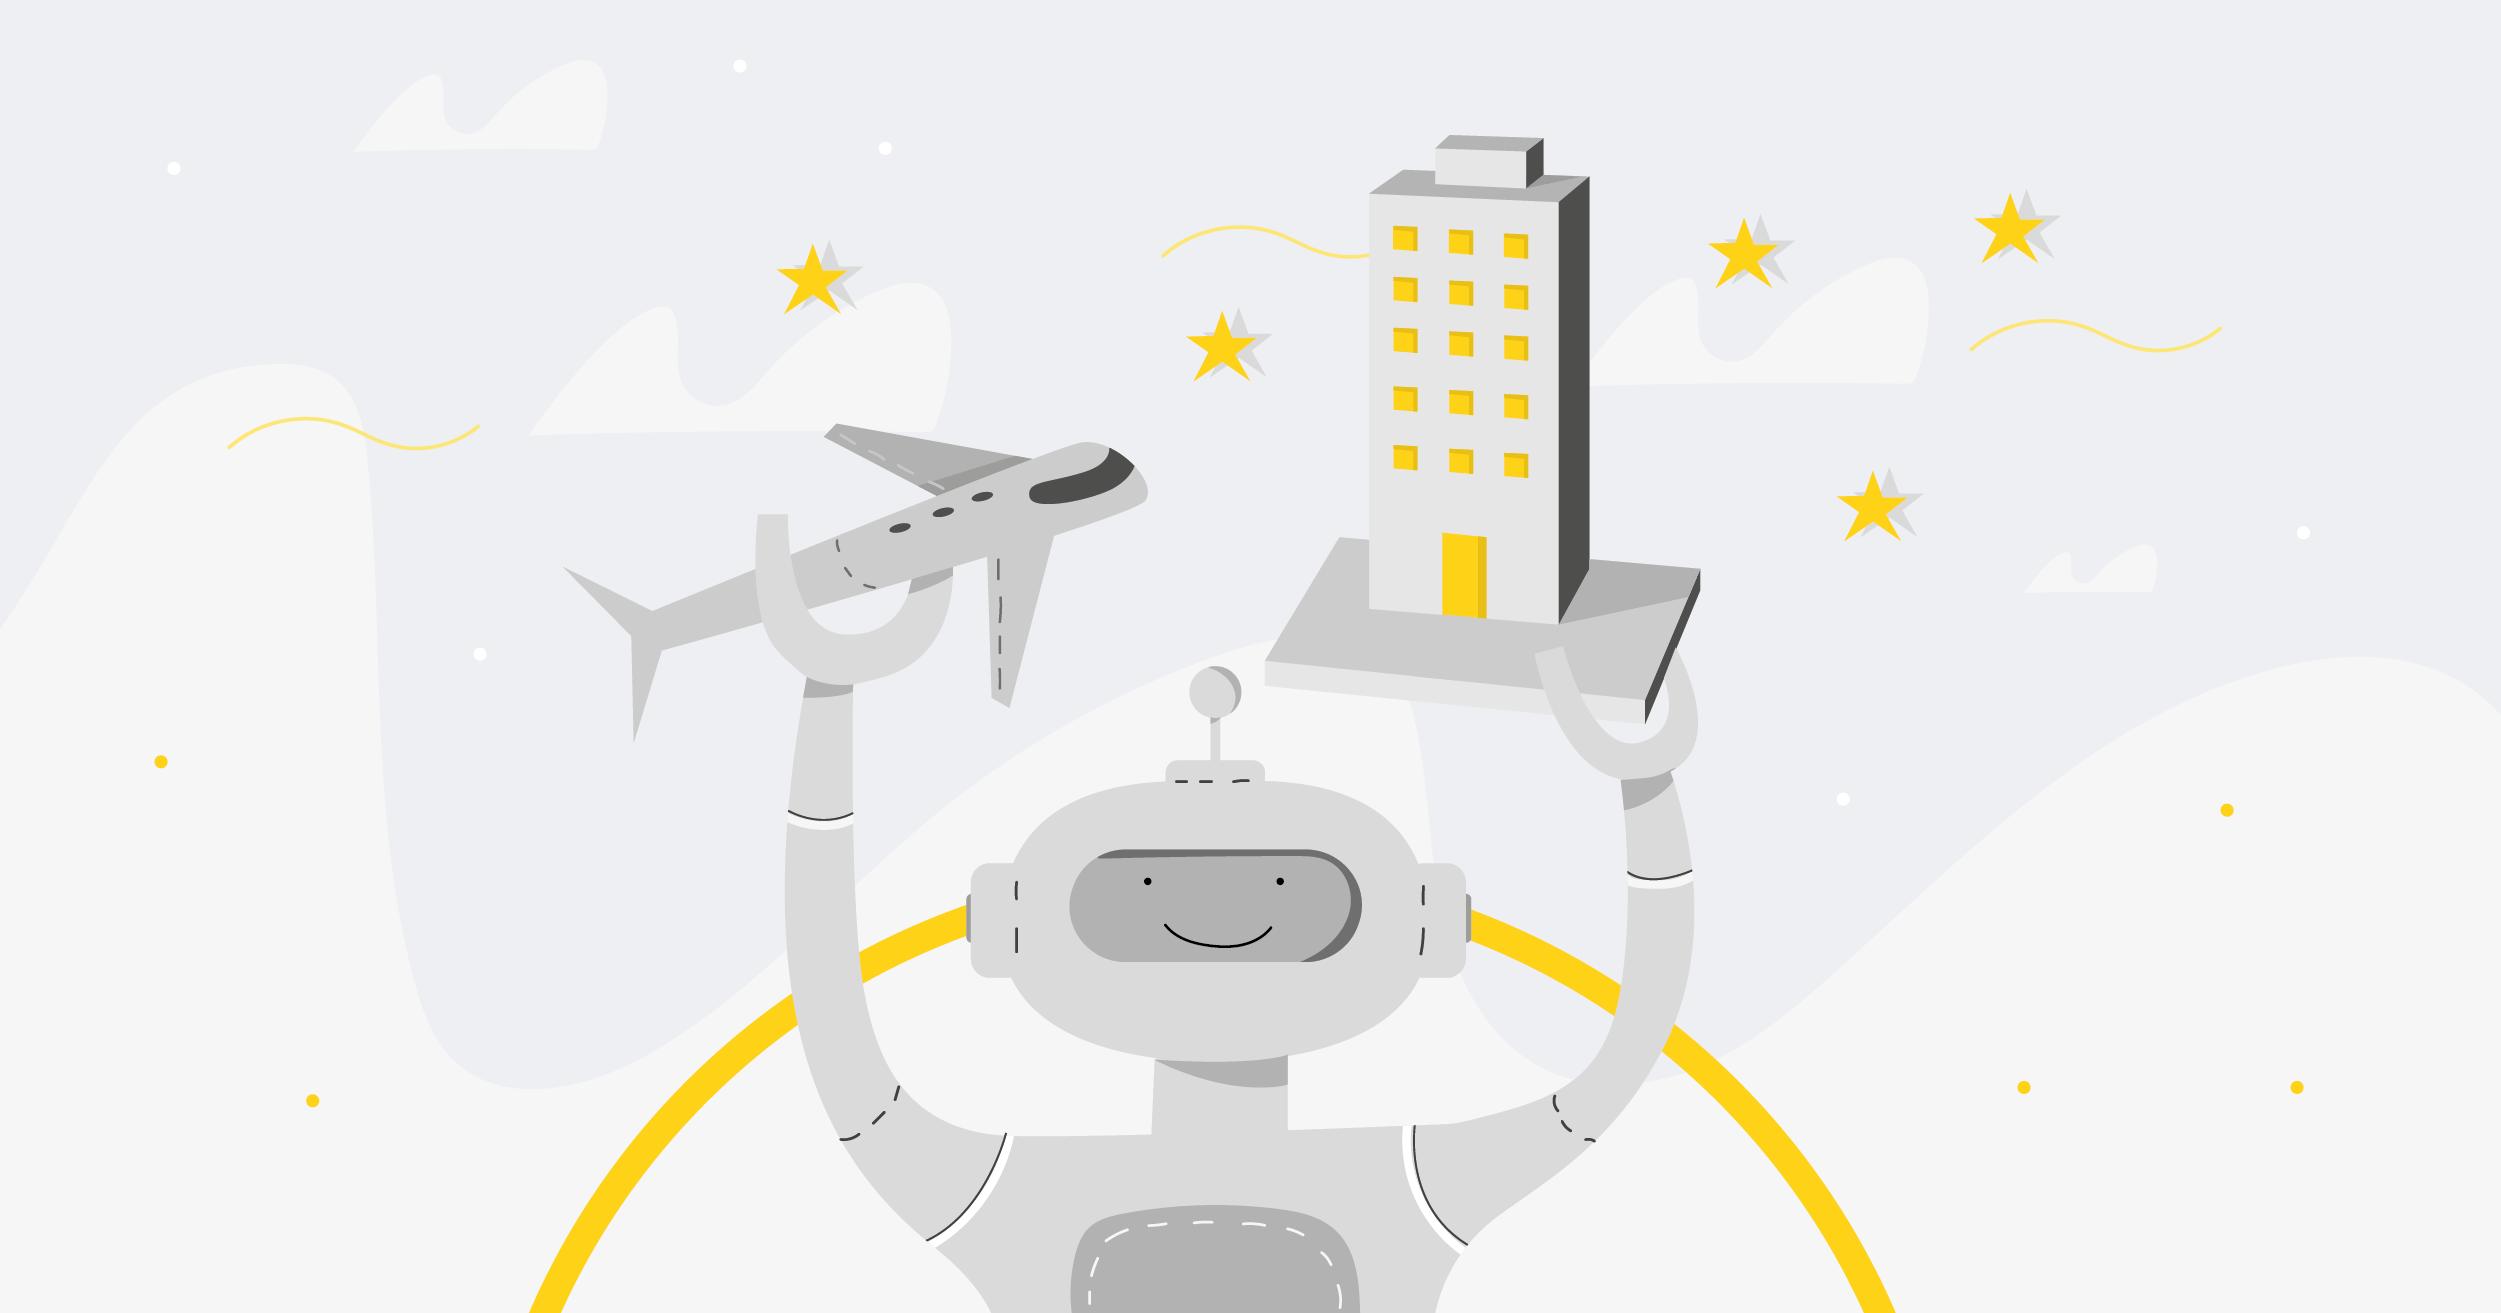 robot building plane chatbot assistant